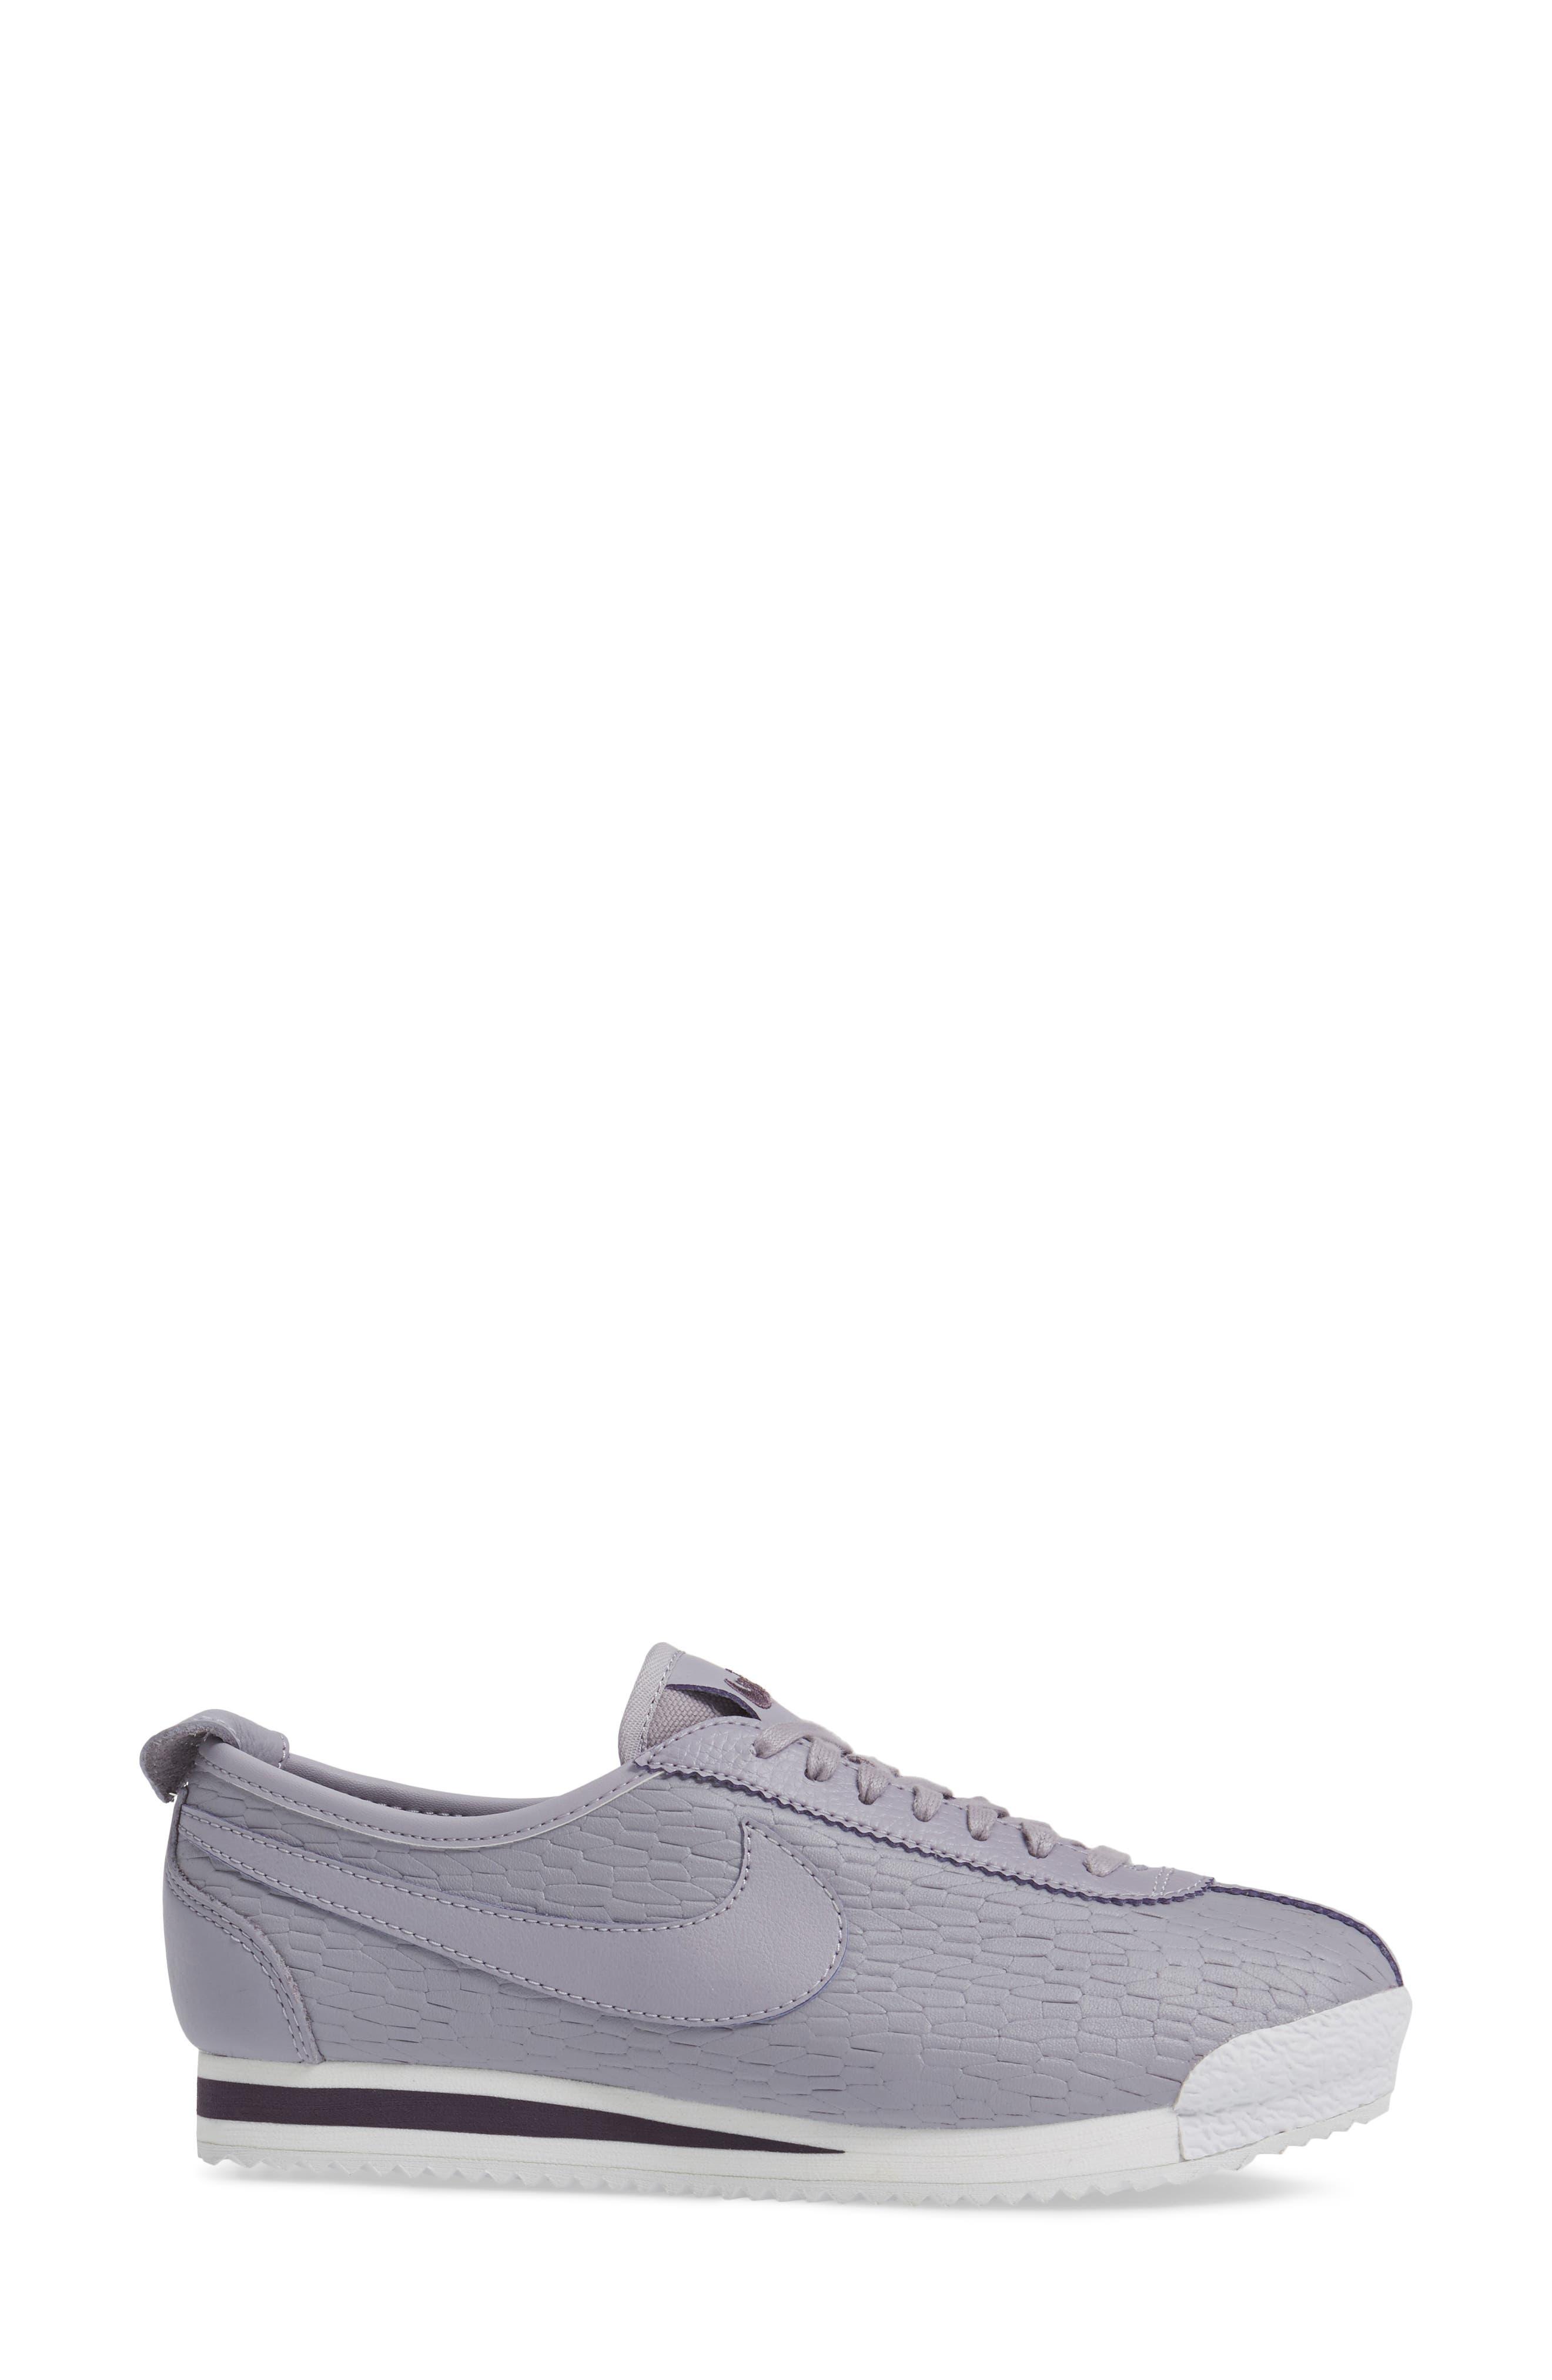 Cortez '72 Sneaker,                             Alternate thumbnail 10, color,